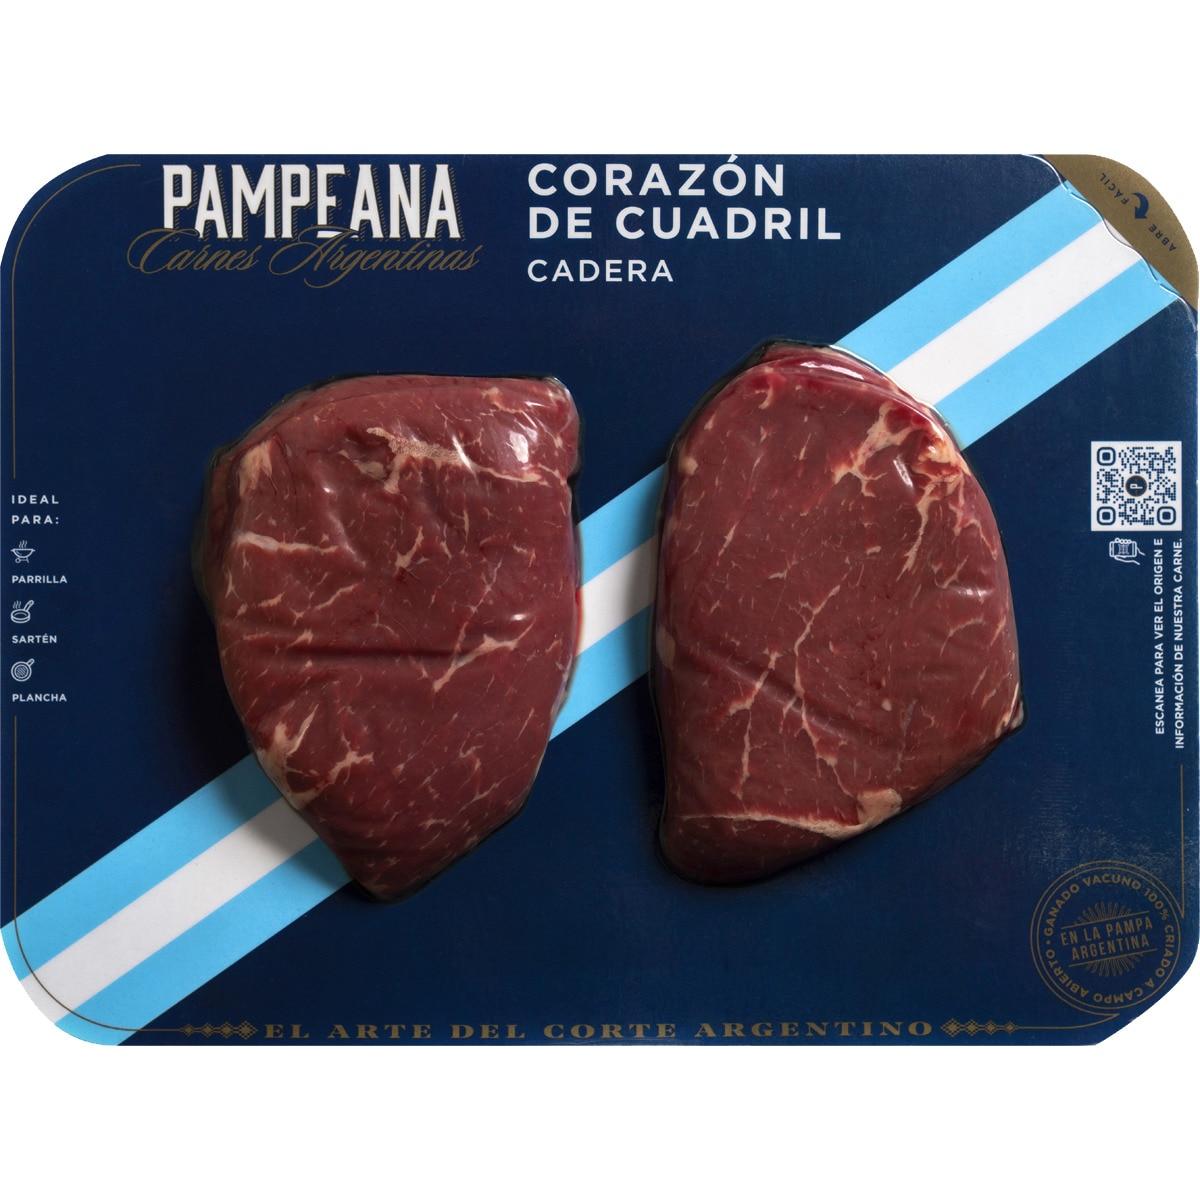 PAMPEANA novillo argentino Corazón de cuadril peso aproximado bandeja 280 gramos